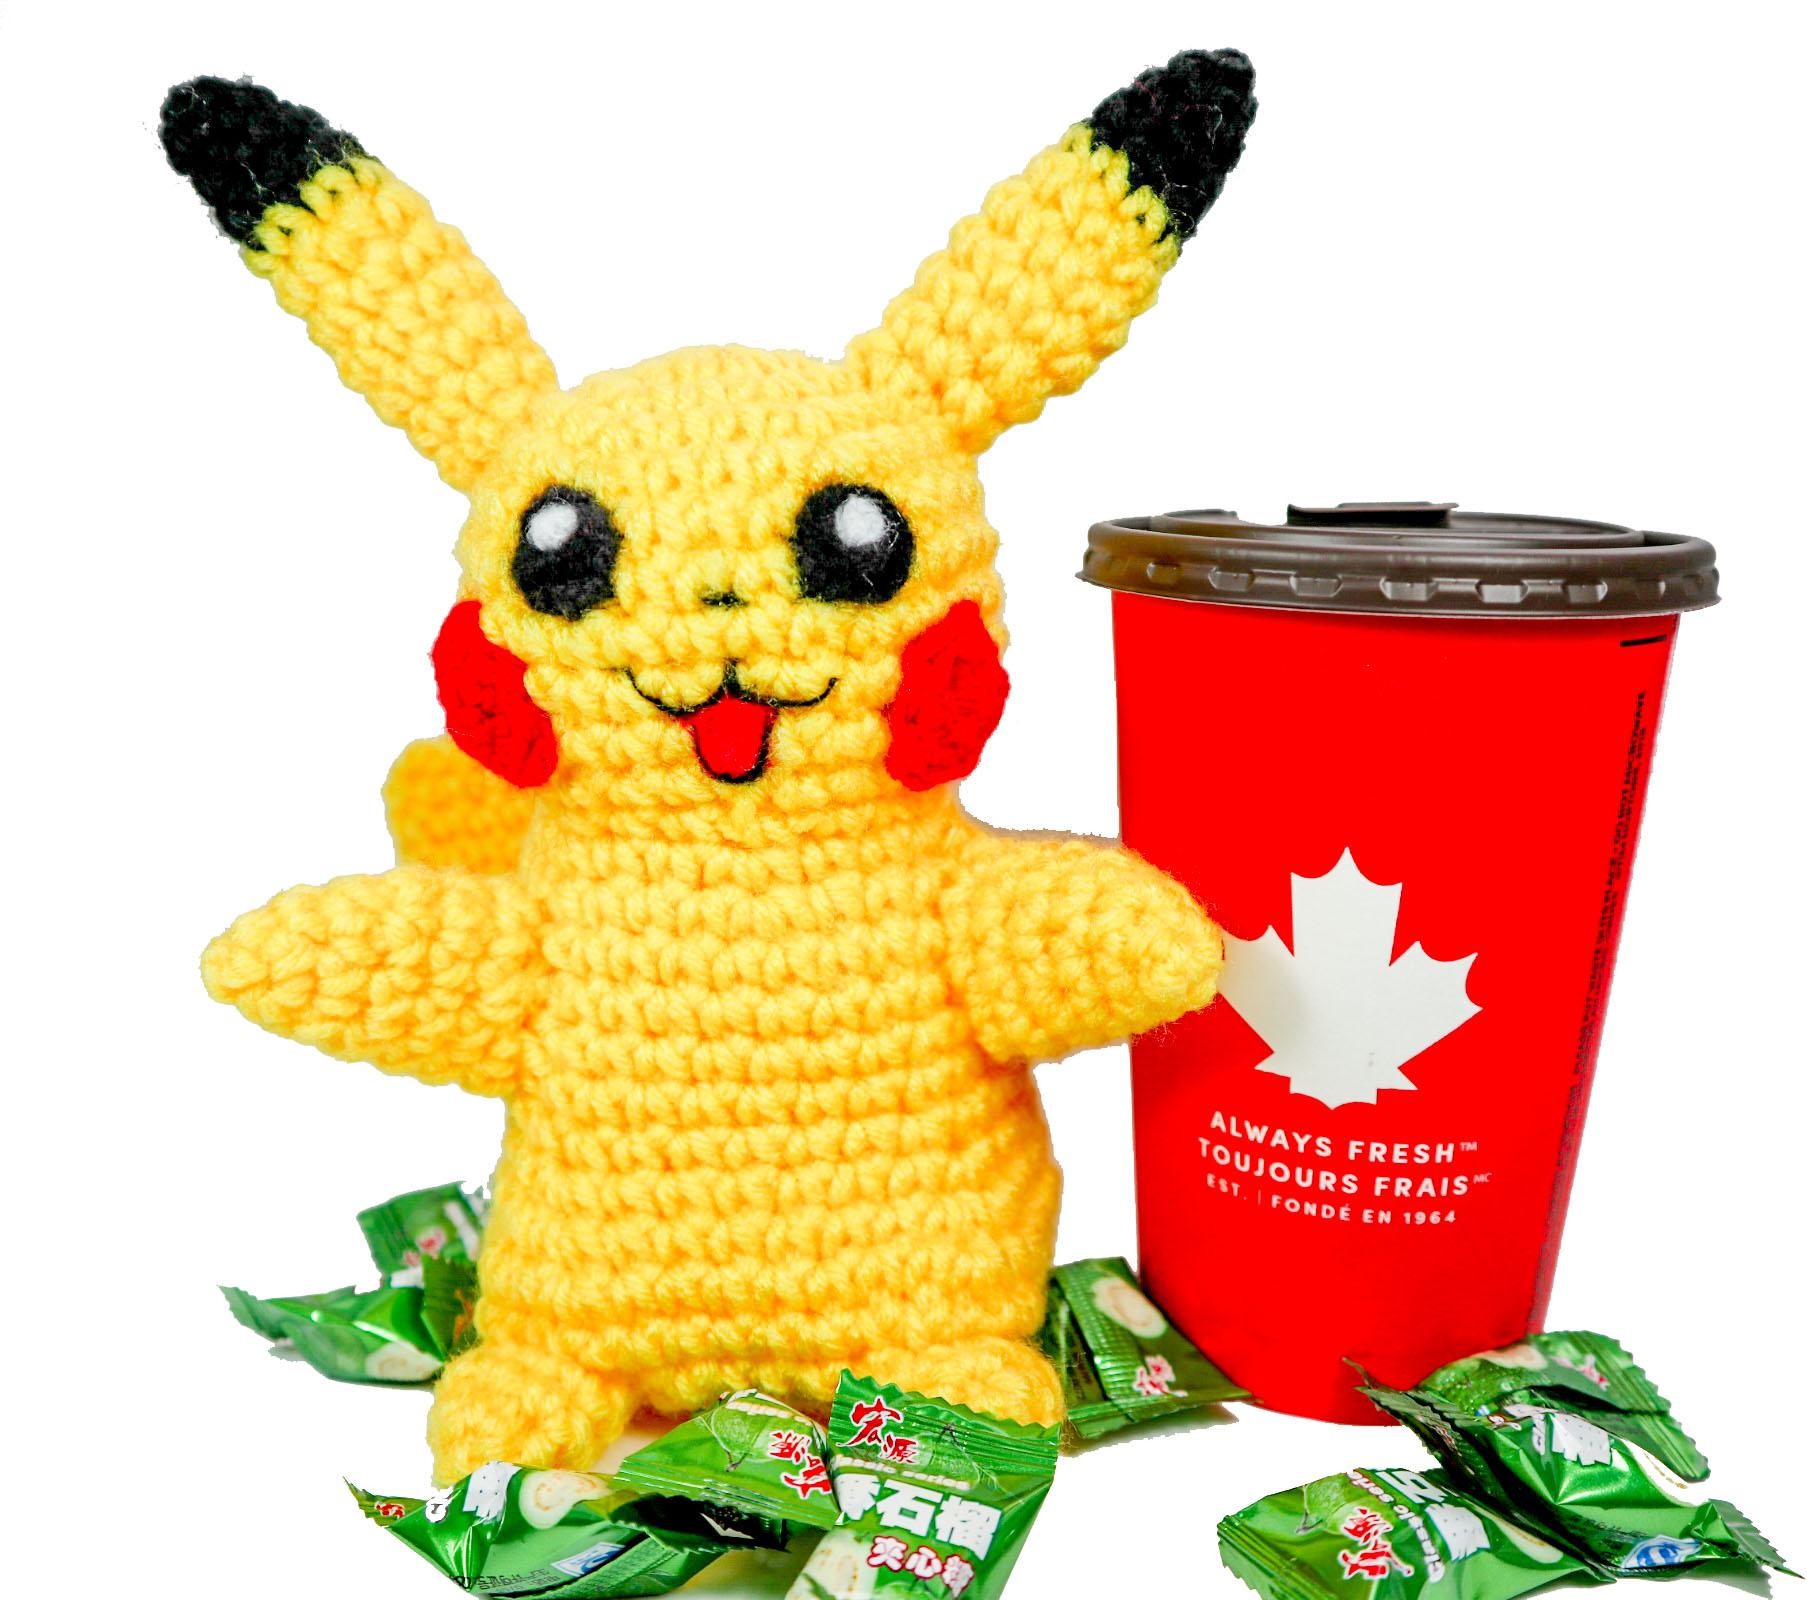 Pikachu Tim Hortons